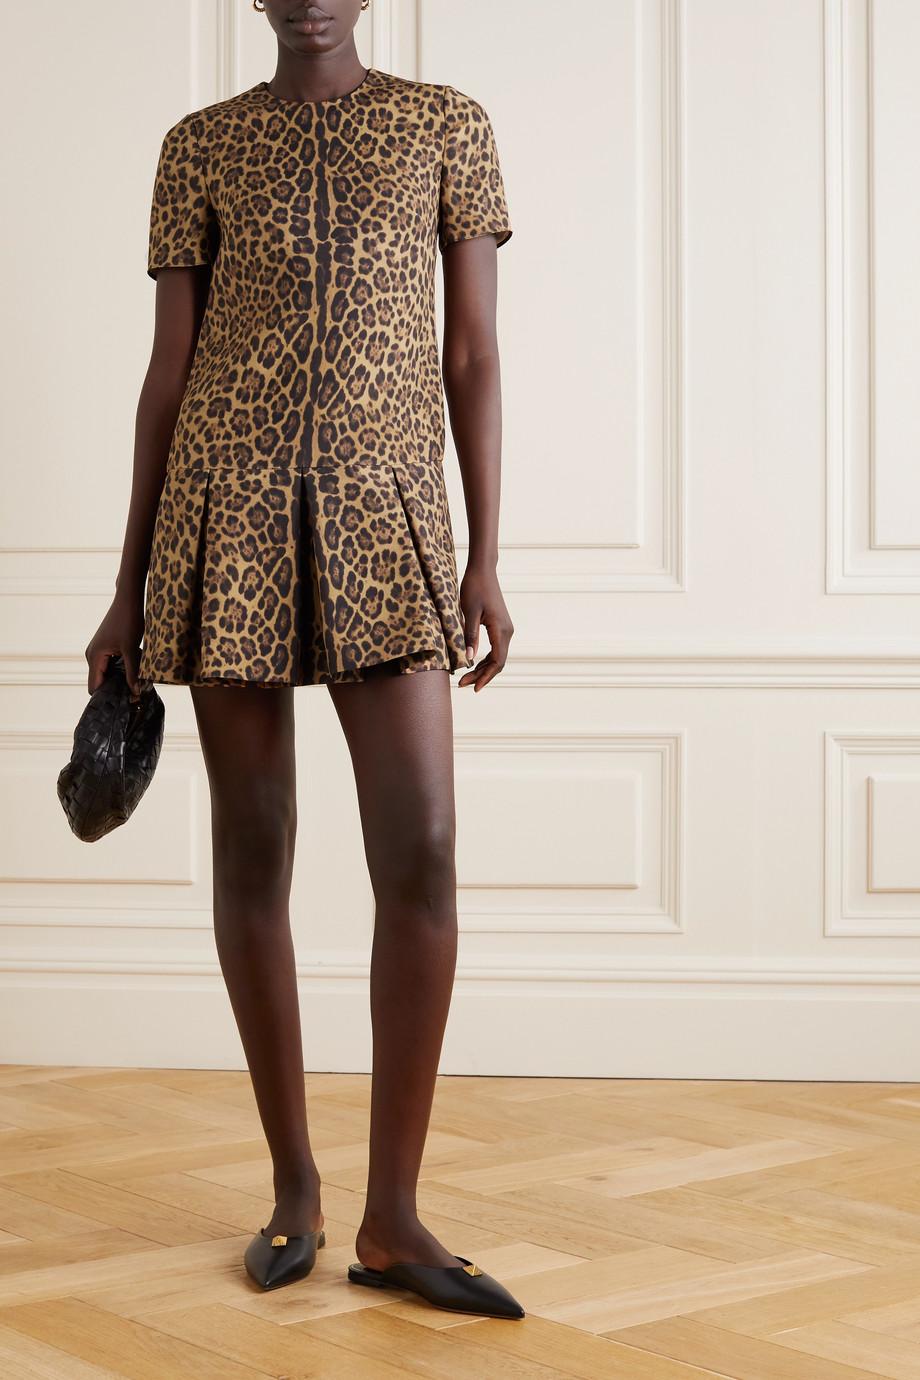 Valentino Minikleid aus einer Woll-Seidenmischung mit Leopardenprint und Falten